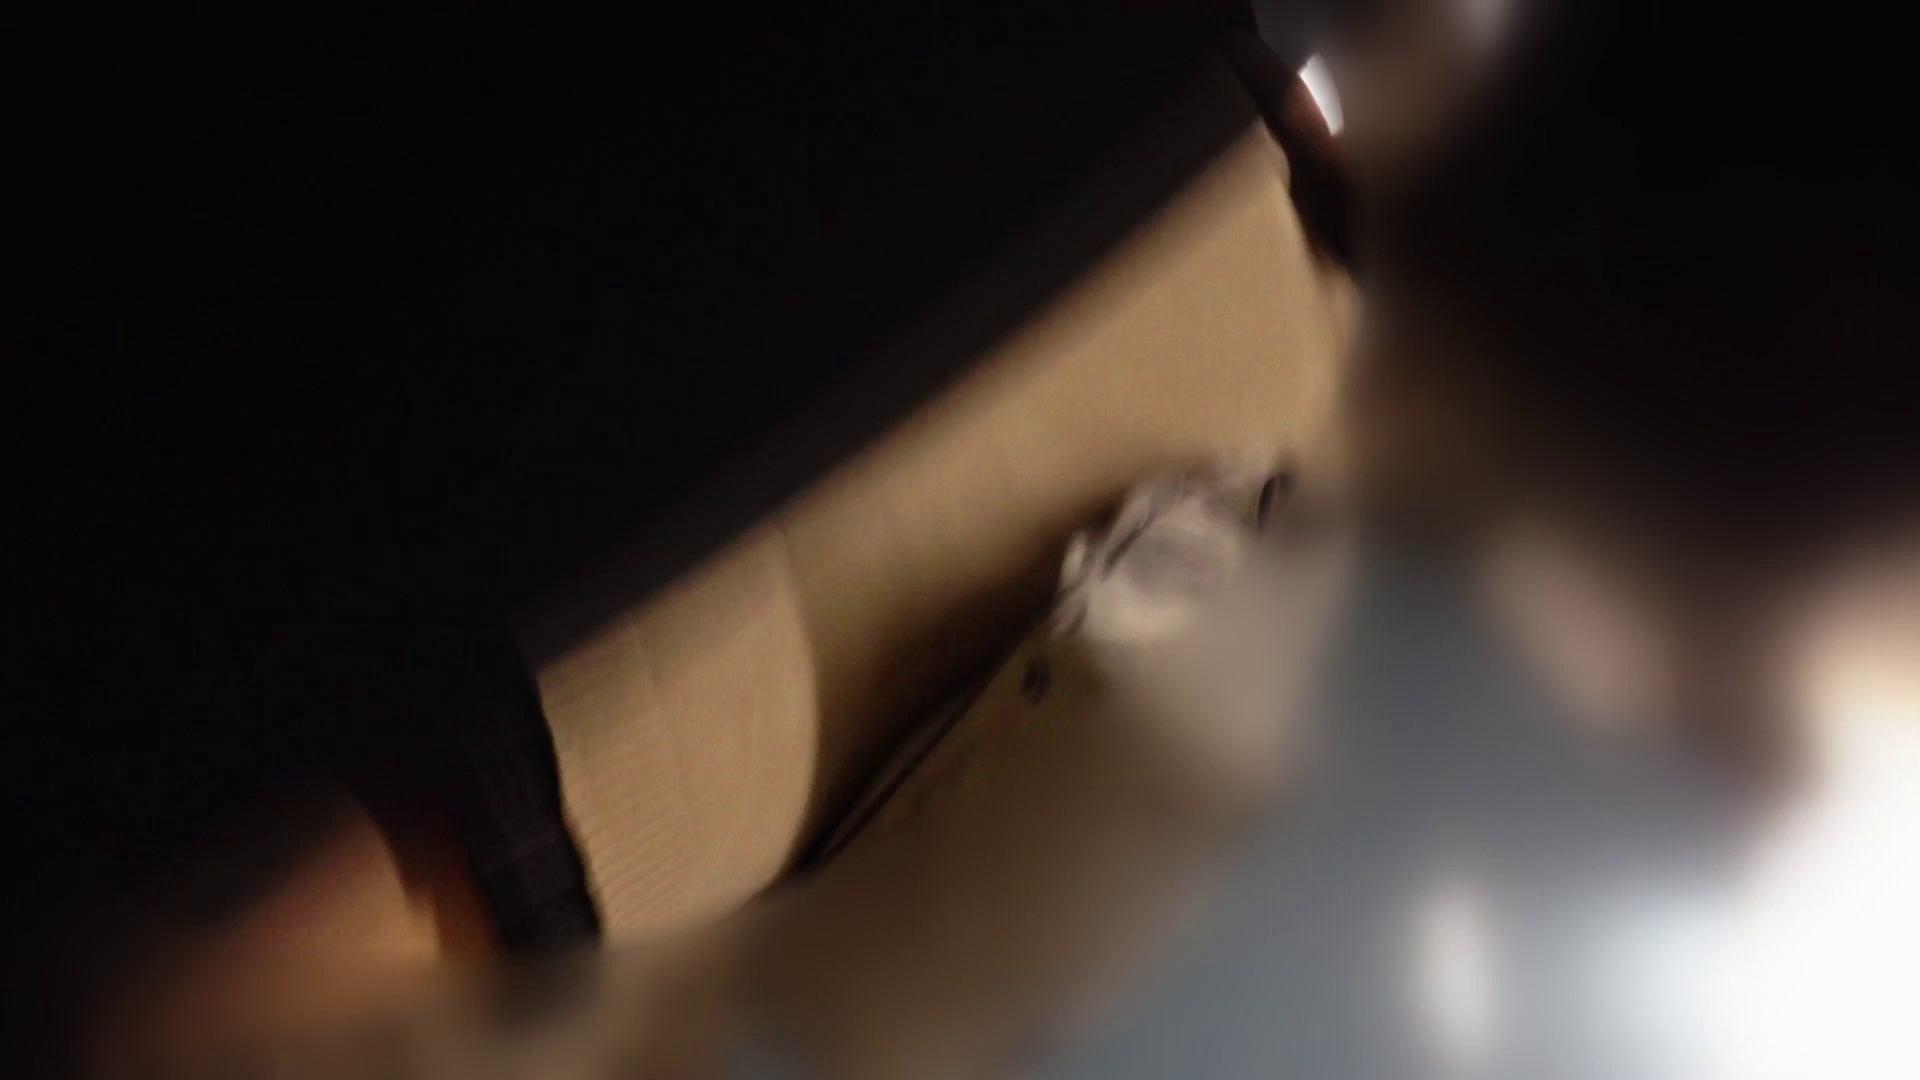 階段パンチラ Vol.02 パンチラ女子 おまんこ動画流出 93枚 53